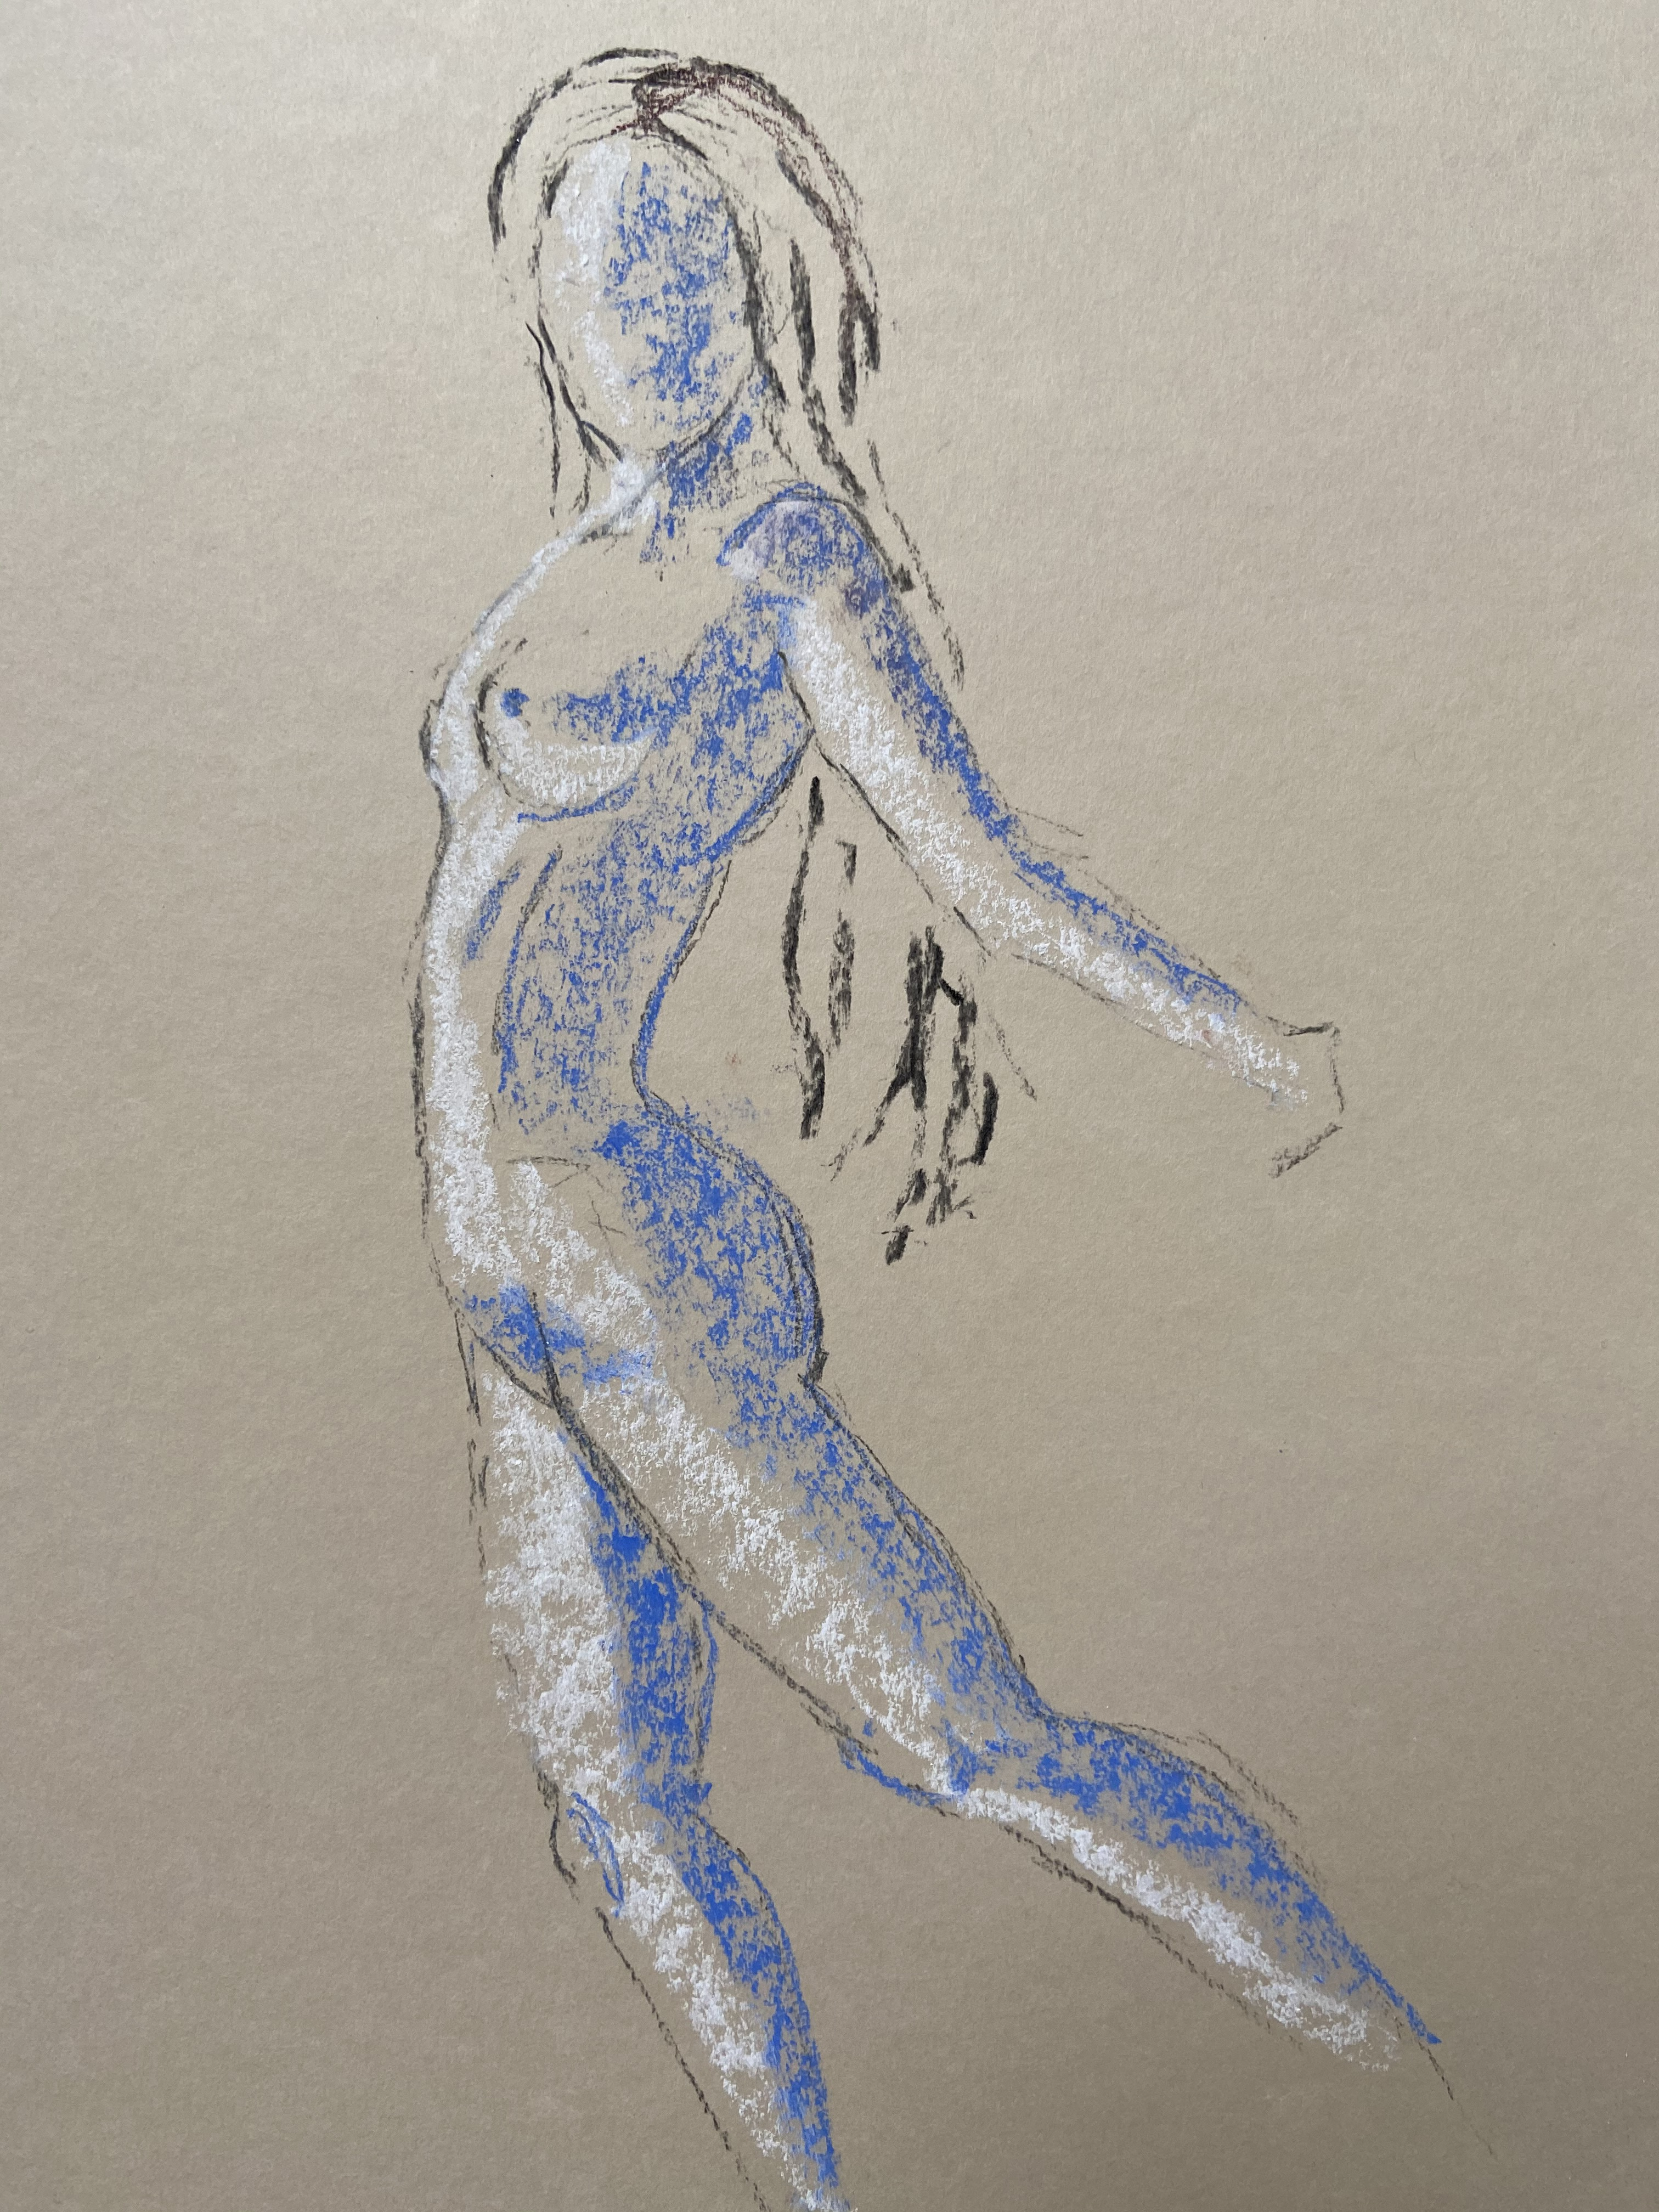 Pastel bleu et blanc sur papier coloré femme profil  cours de dessin